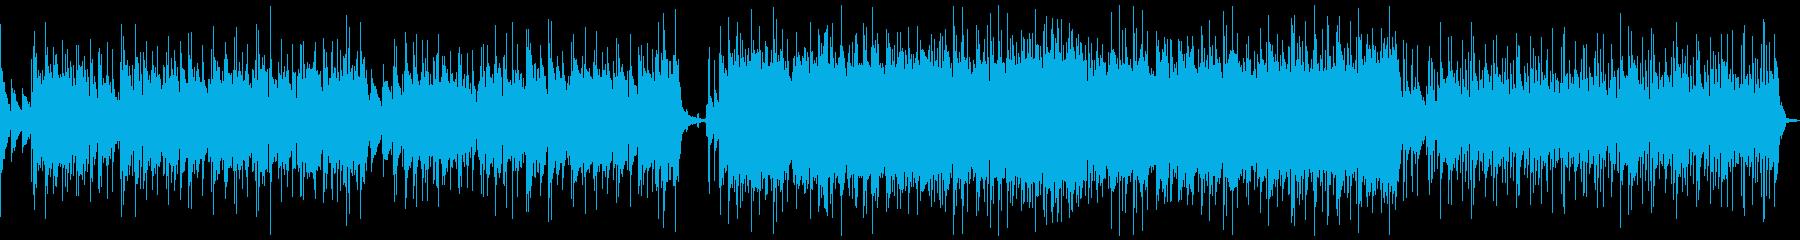 【メロなし/ループ】情熱大陸の様なBGMの再生済みの波形